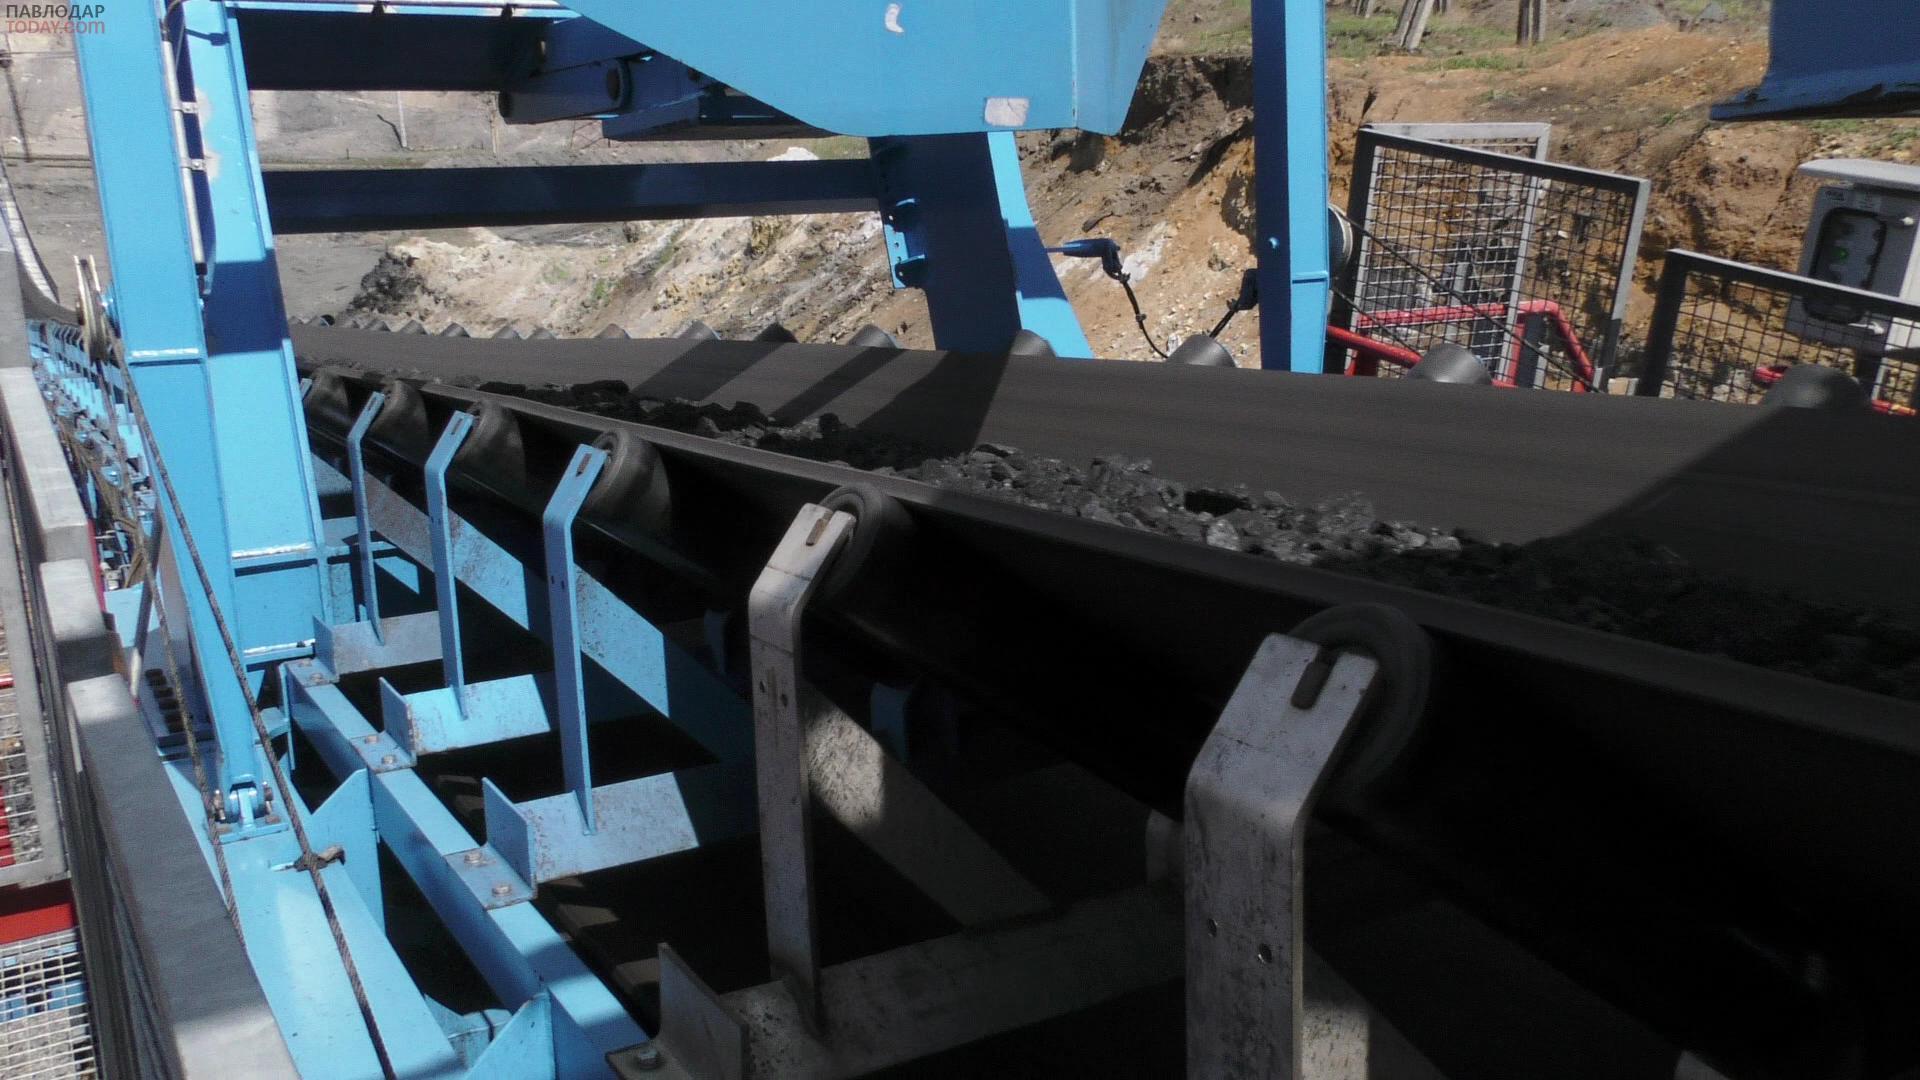 """Евроазиатская энергетическая корпорация сохранила добычу угля в 2018 году в объеме более 17 млн тонн, ЕЭК, Евроазиатская энергетическая корпорация, ERG, разрез """"Восточный"""", Добыча угля"""